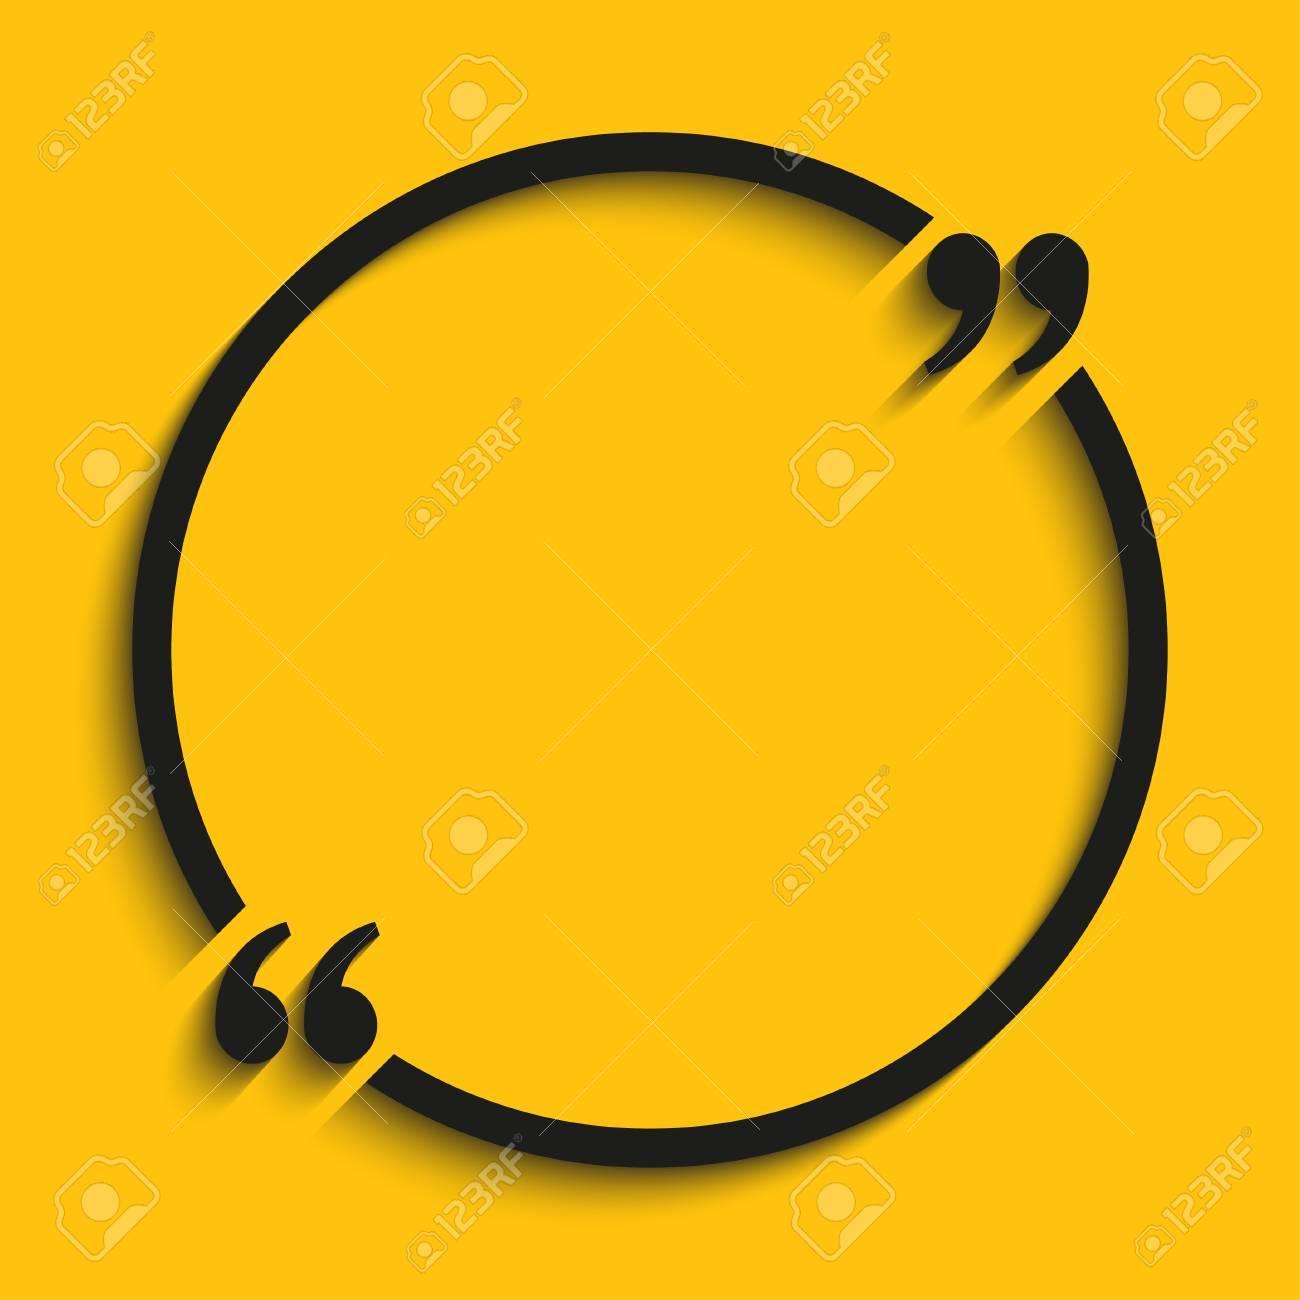 Citation Blank Template Citation Circle Modèle Vide Cartes De Visite Coeur Papier Feuille D Information Texte Design D Impression Formulaire De